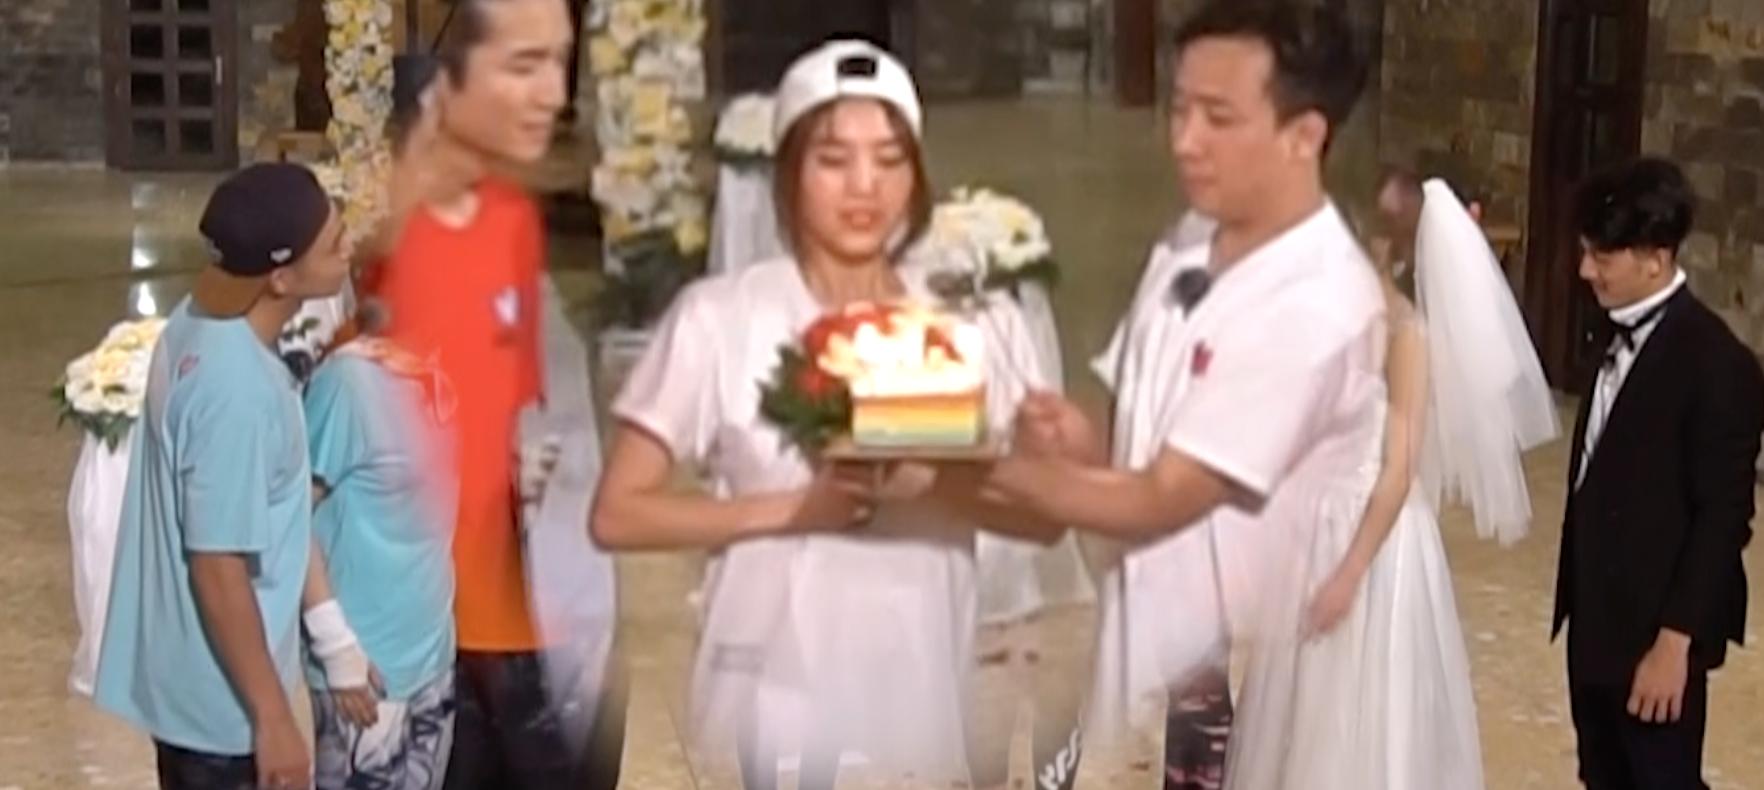 Ninh Dương Lan Ngọc đón sinh nhật lầy lội cùng dàn Running Man nhưng với bối cảnh đám cưới? - Ảnh 3.